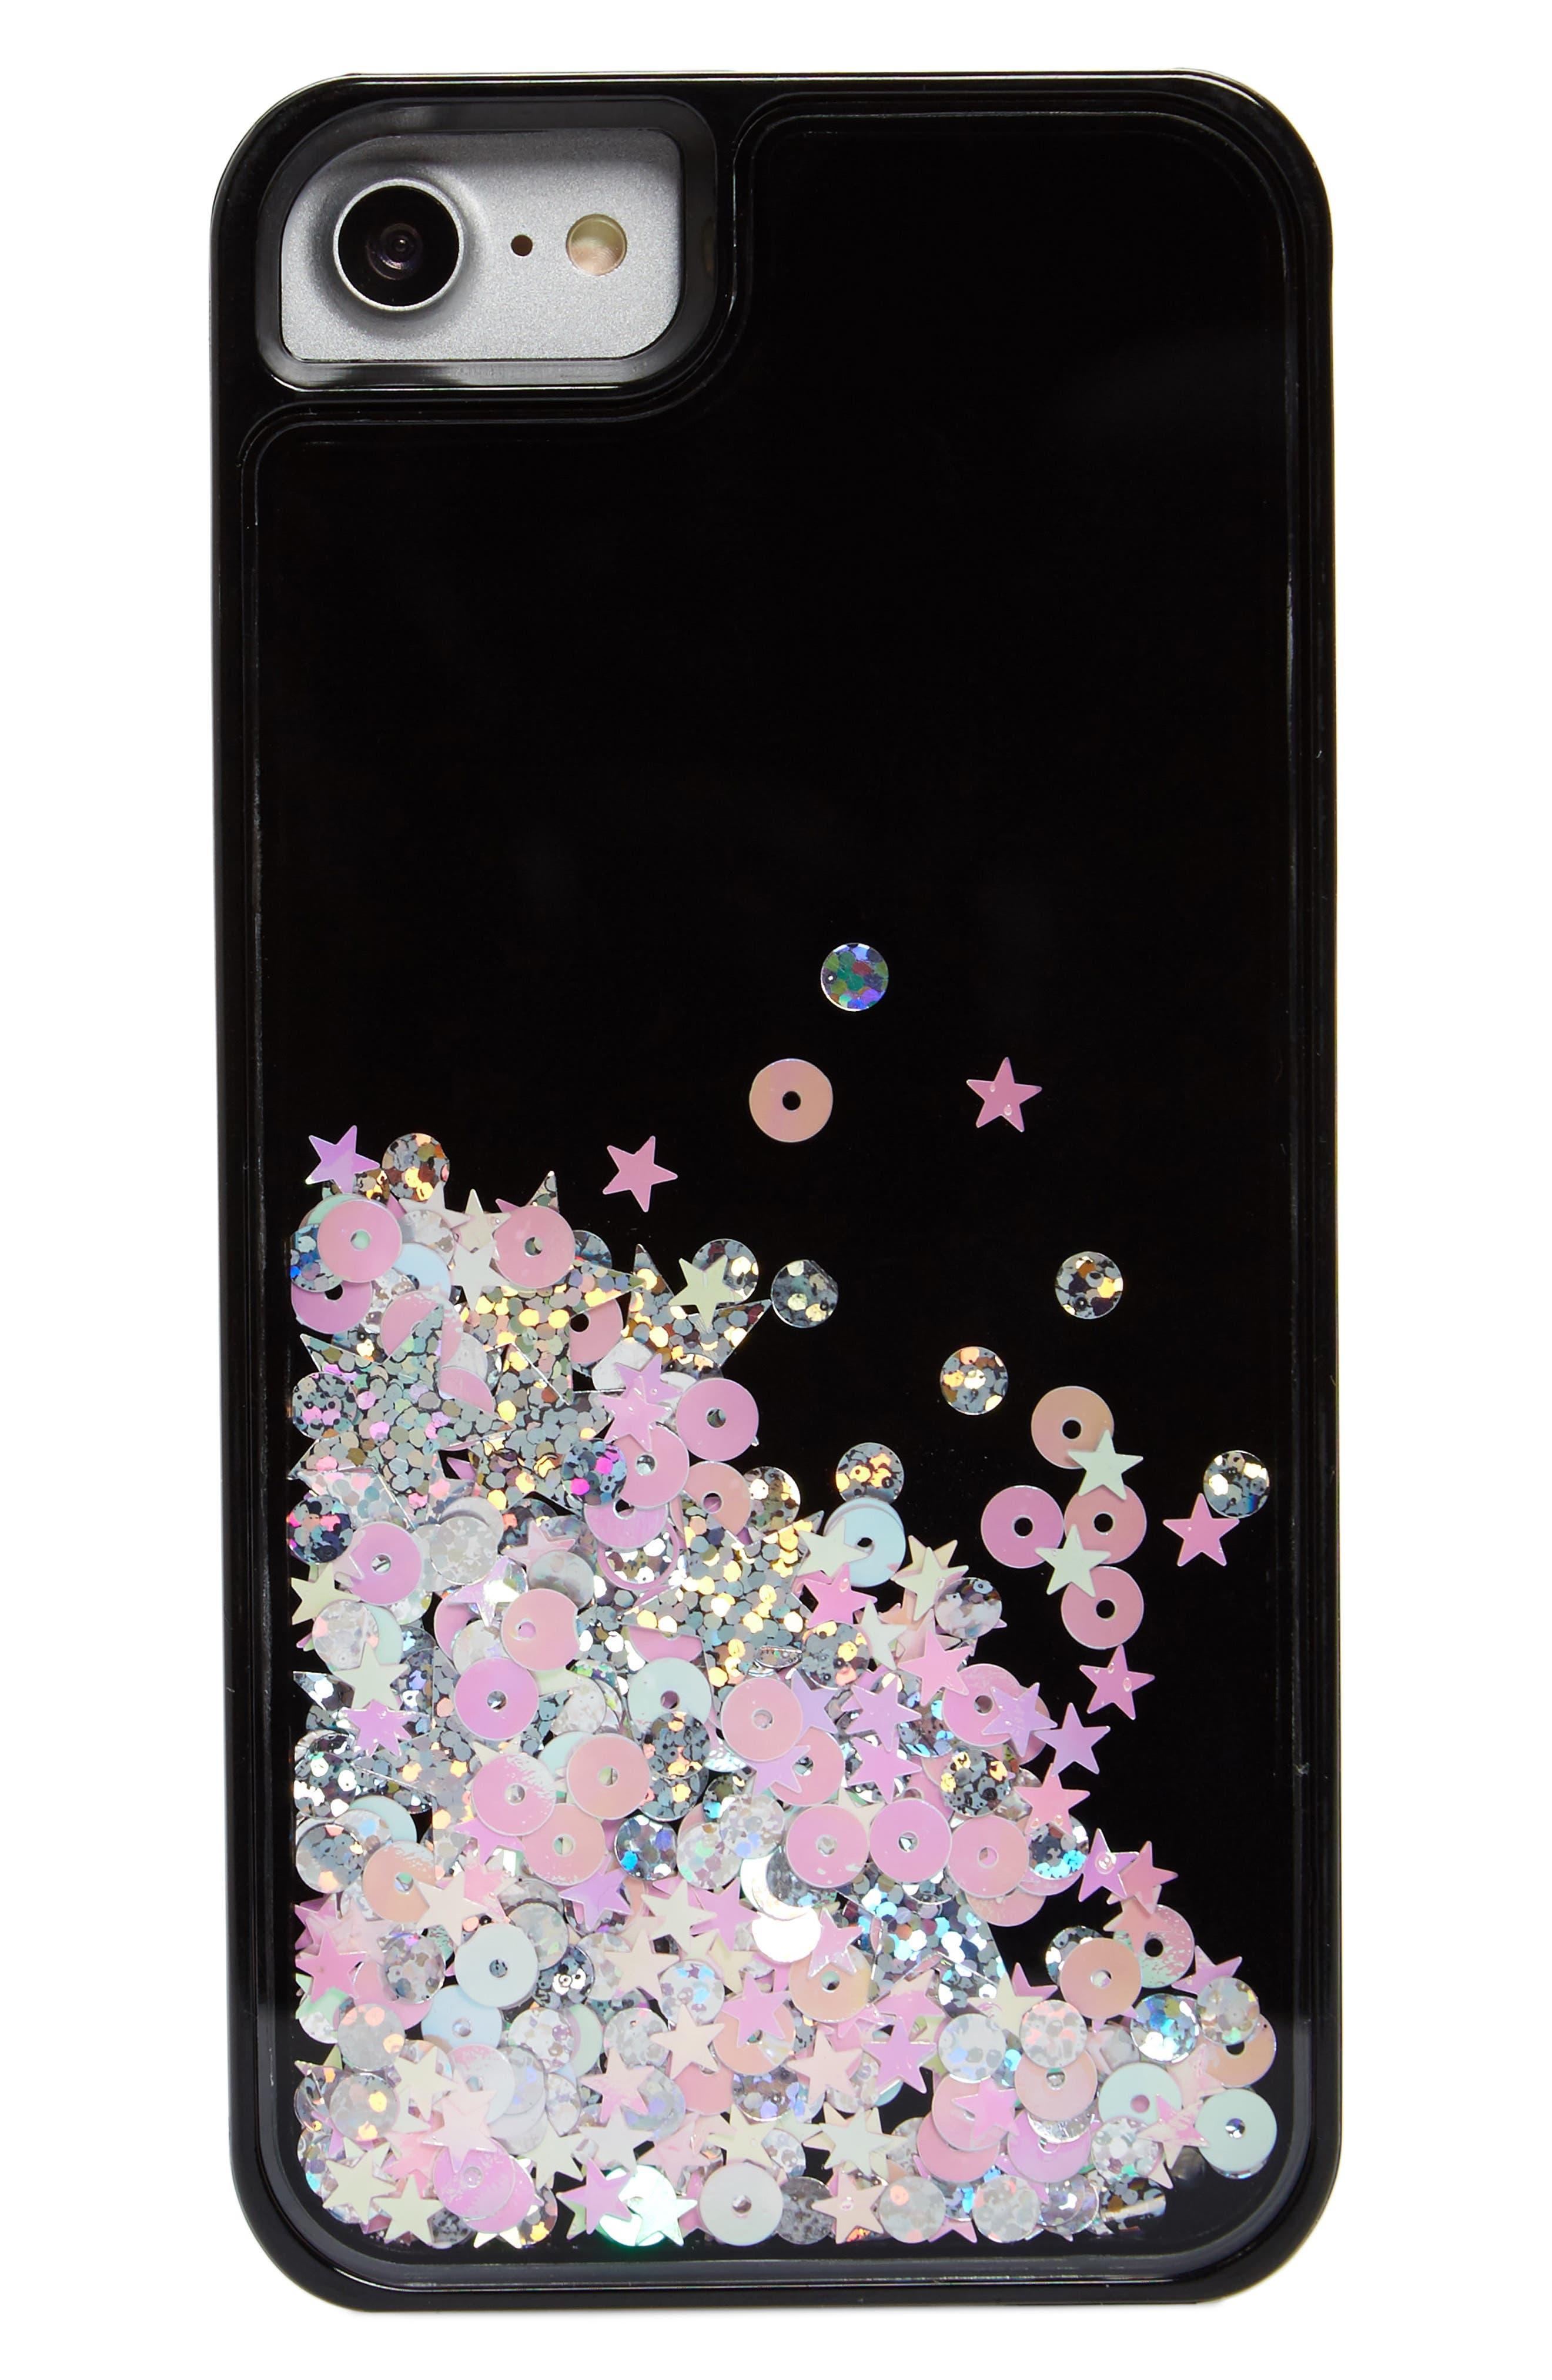 Skinny Dip Castor iPhone 6/6s/7/8 & 6/6s/7/8 Plus Case